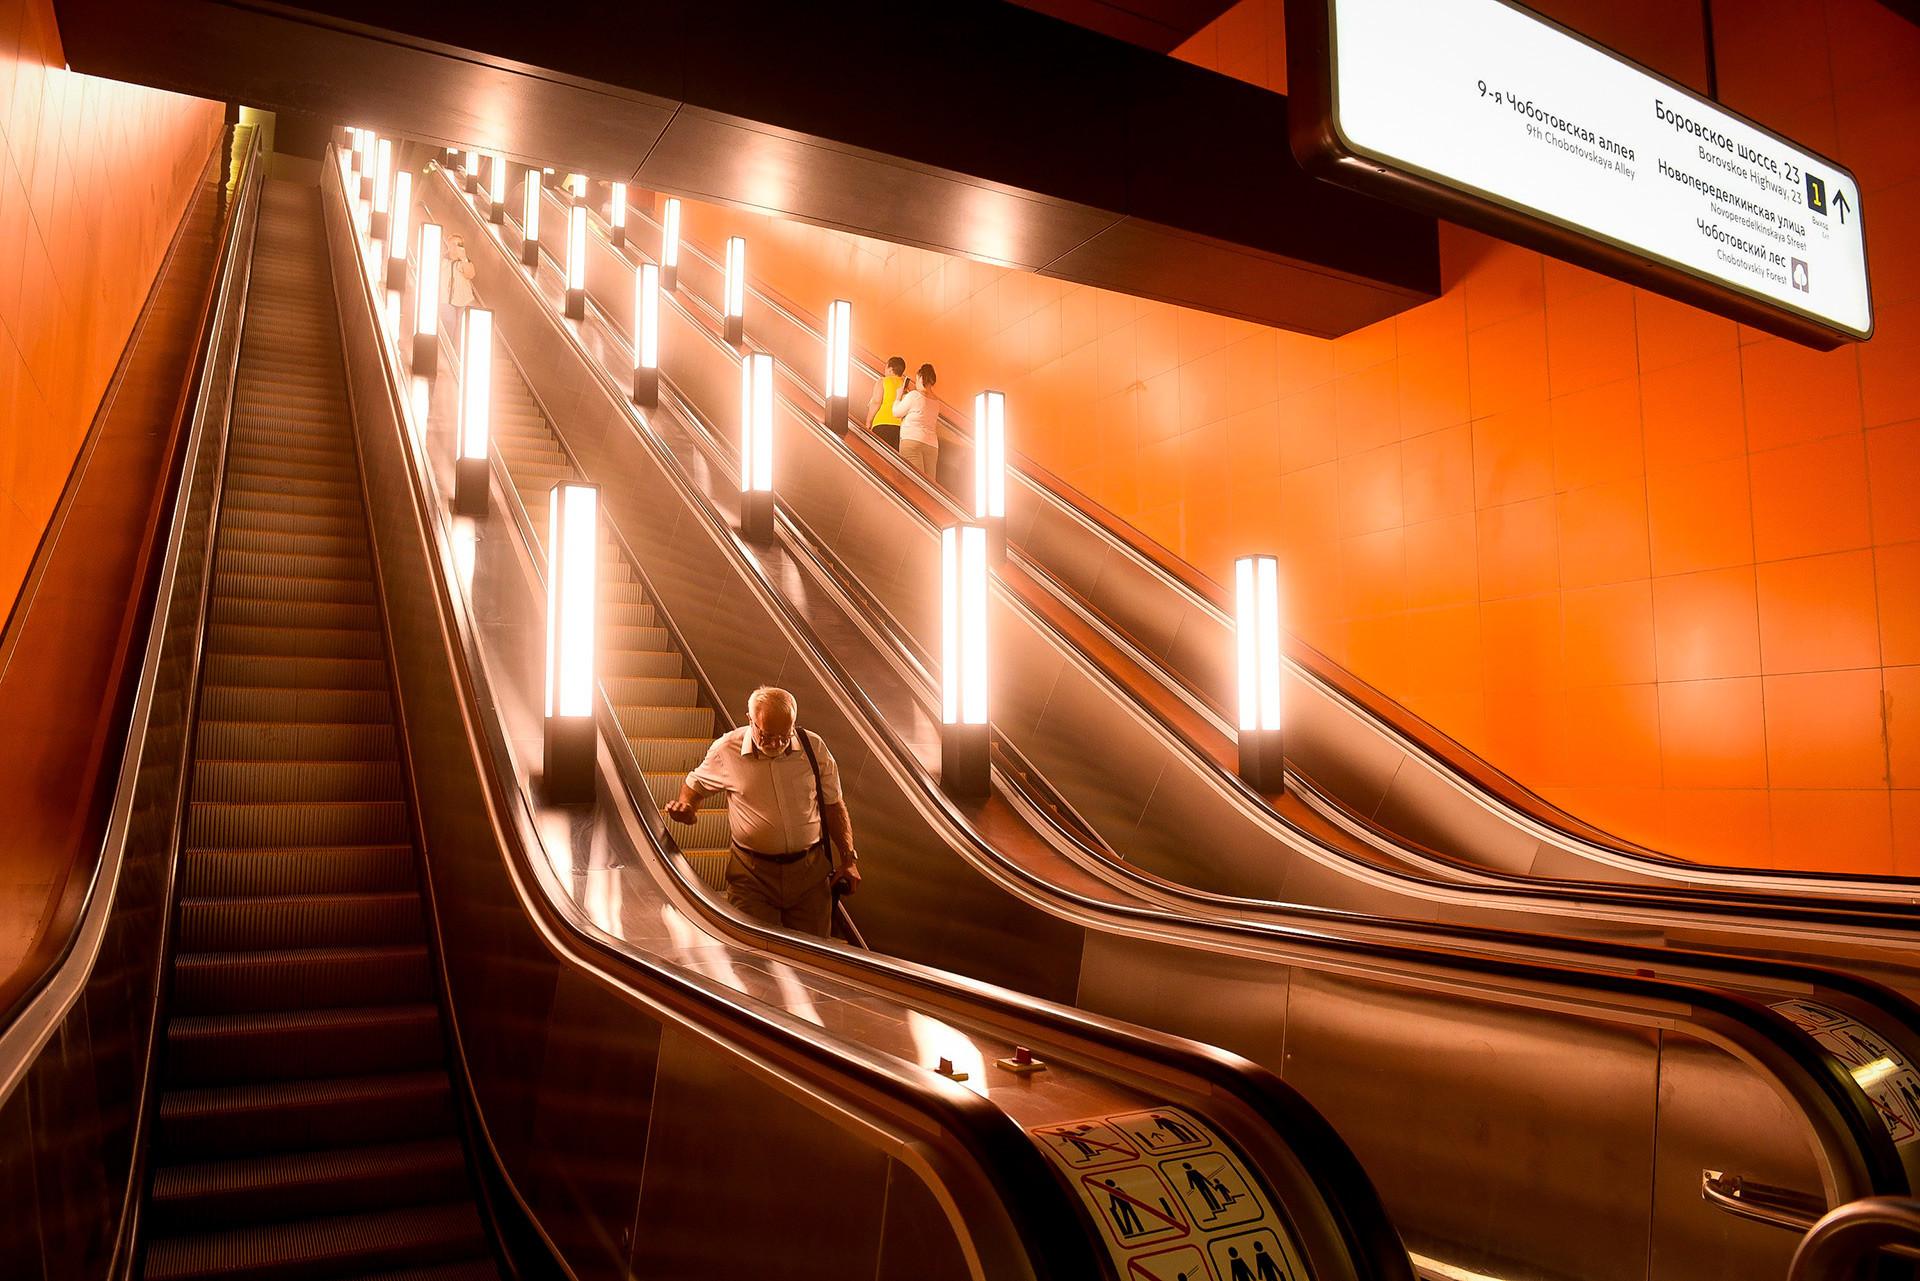 Upoznavanje brzine metroa